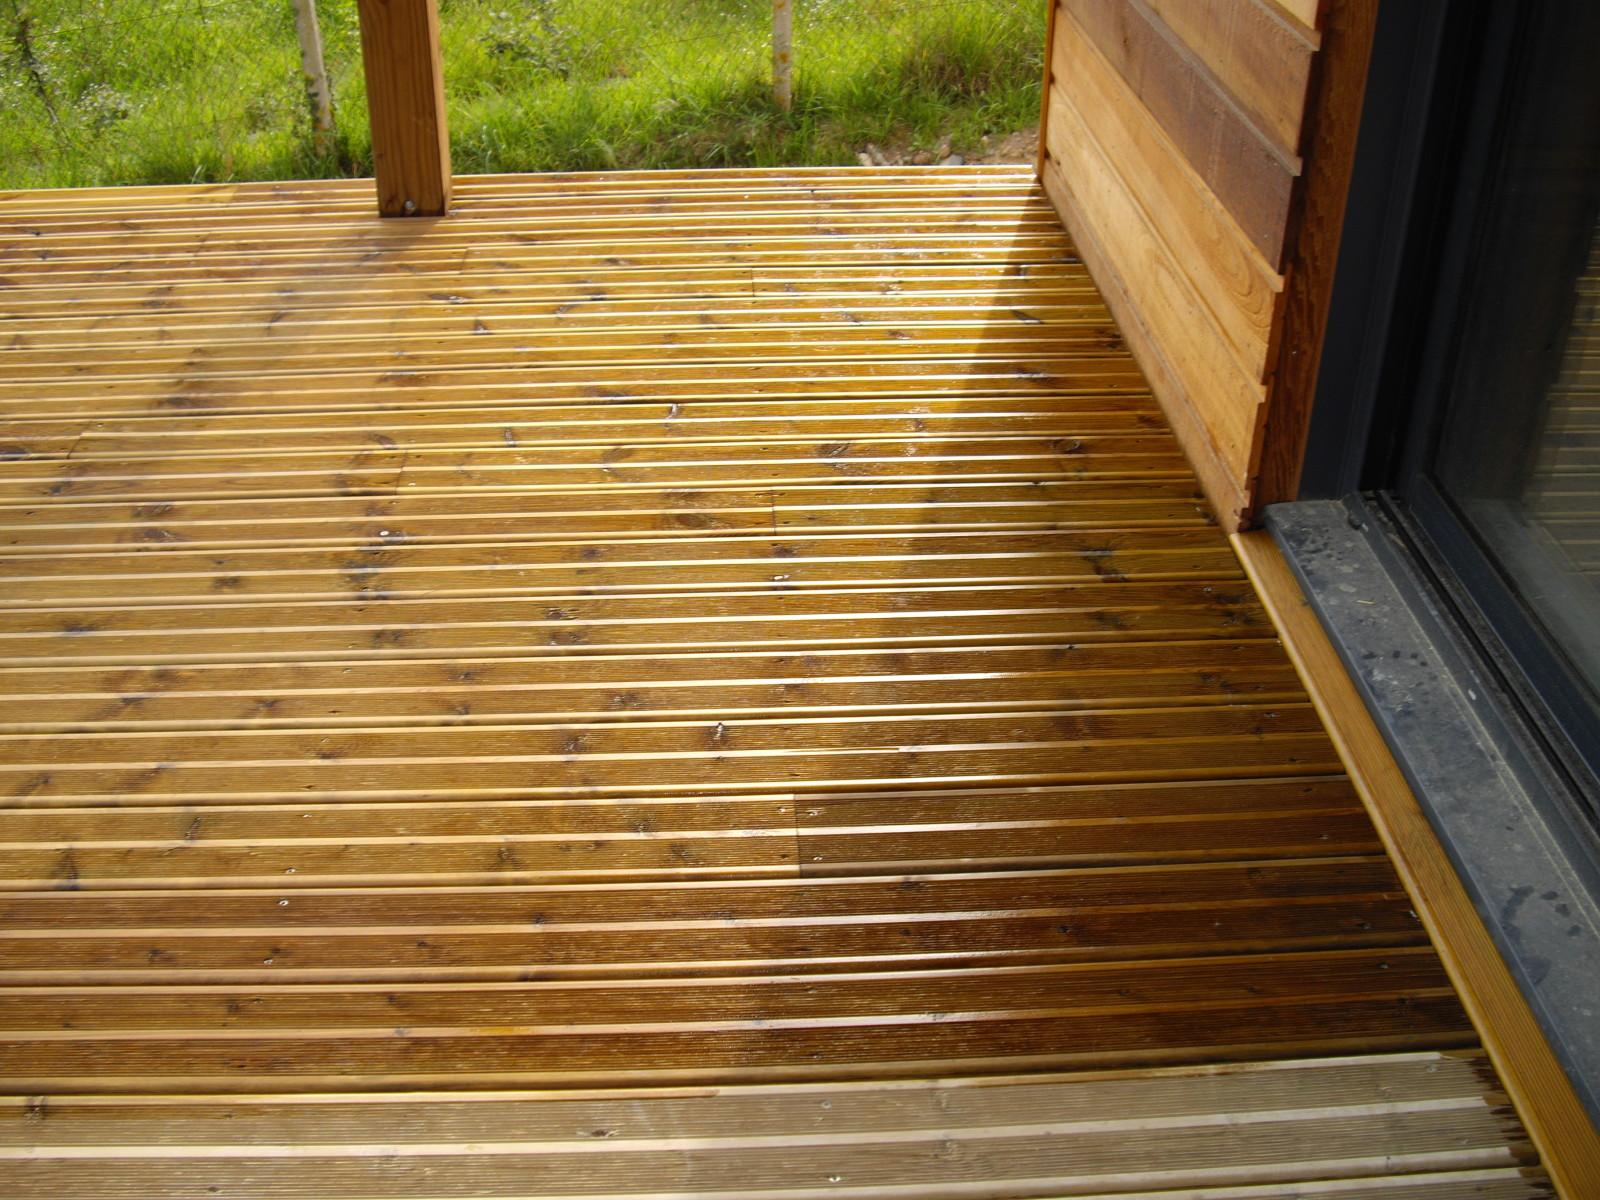 Traitement du bois lasure gedimat bechet for Carbonyle traitement du bois